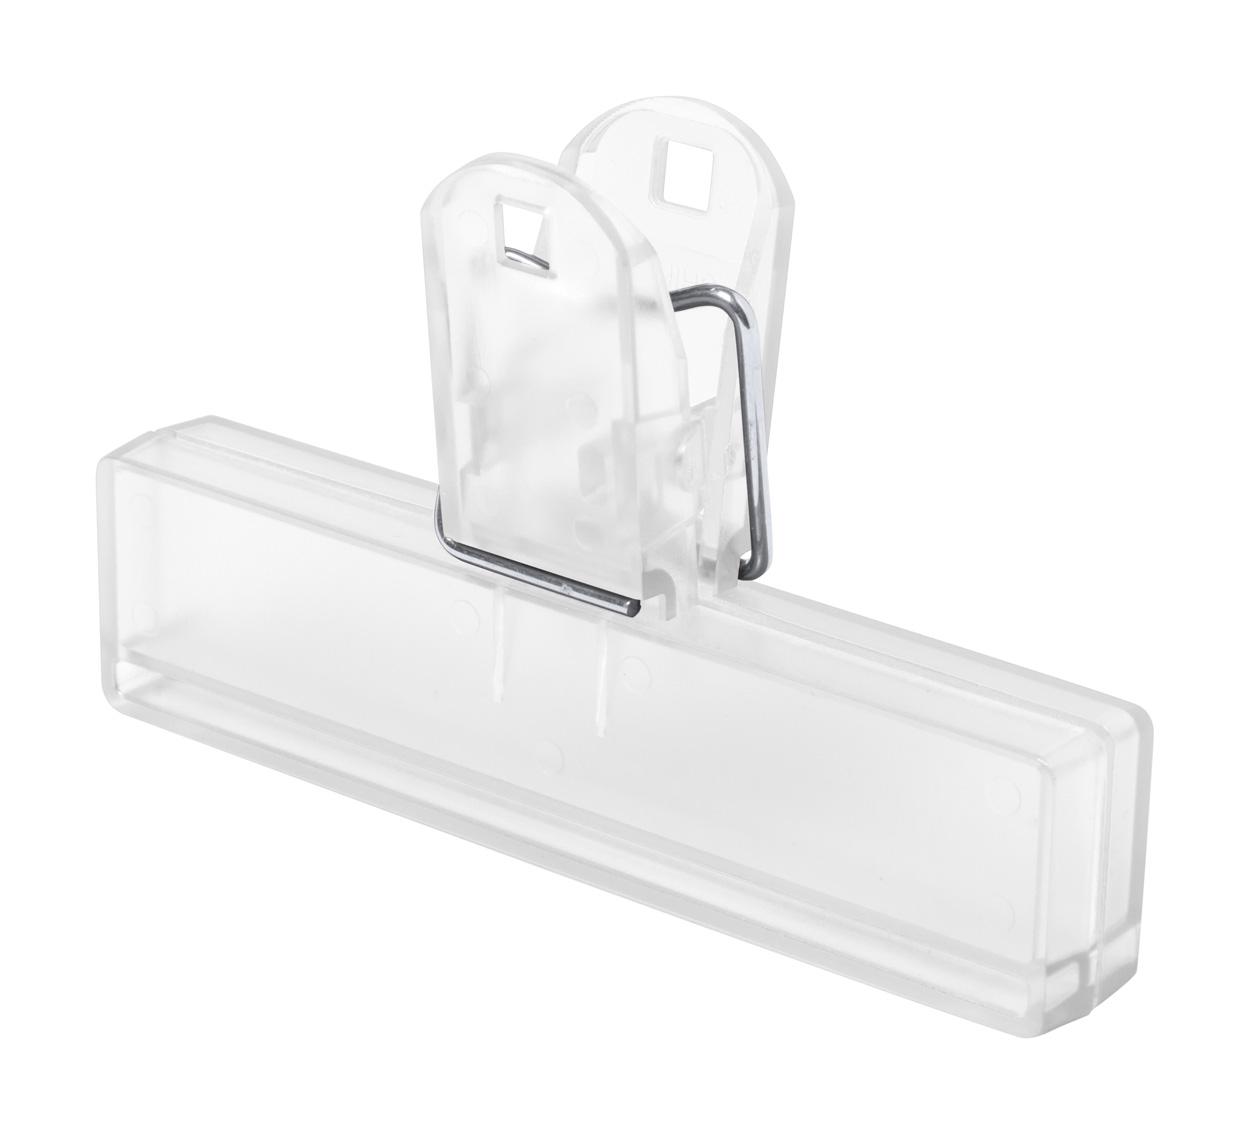 Flint bag sealing clip